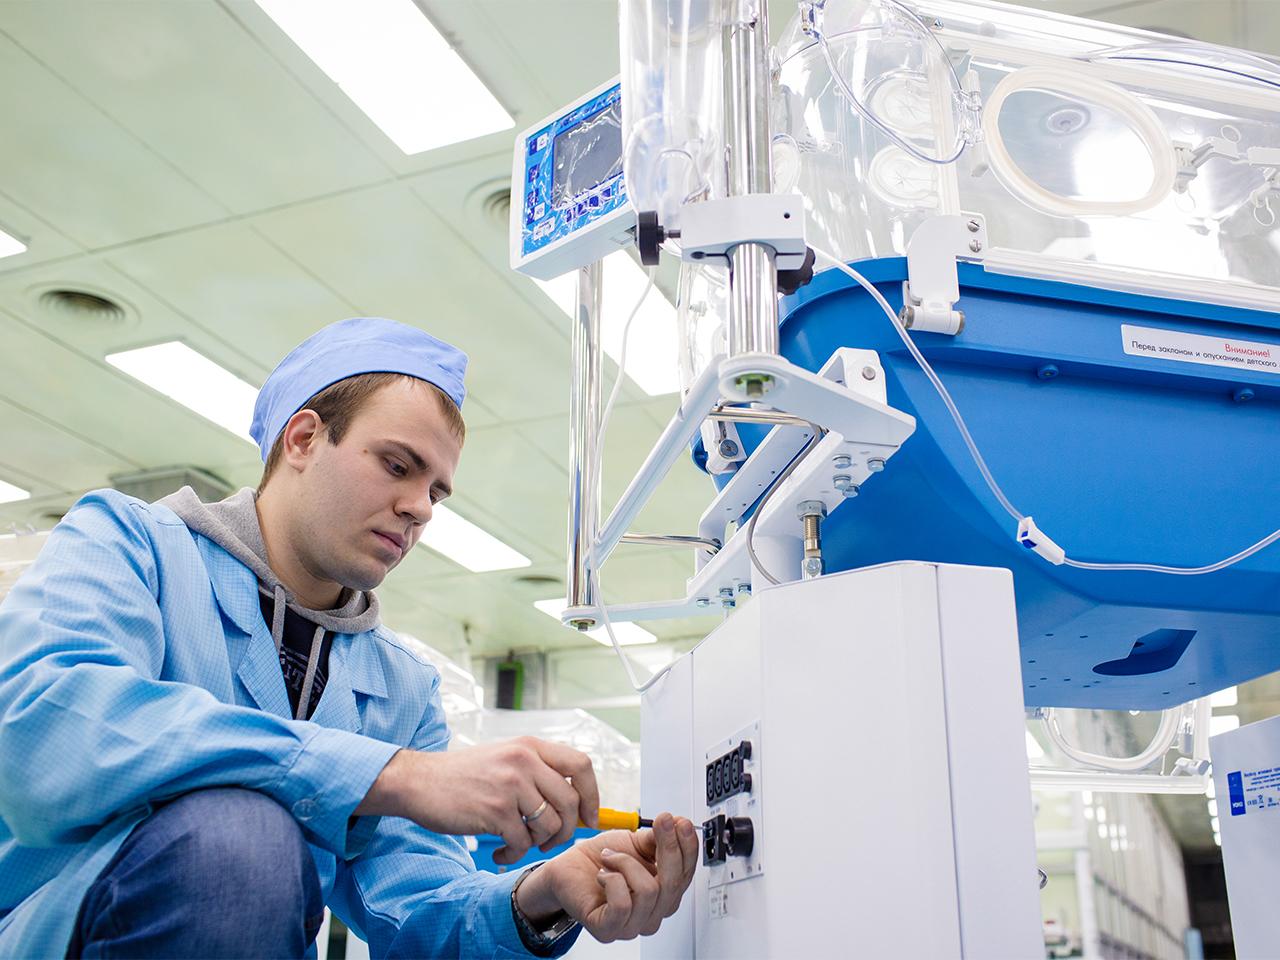 вид технического обслуживания медицинской техники